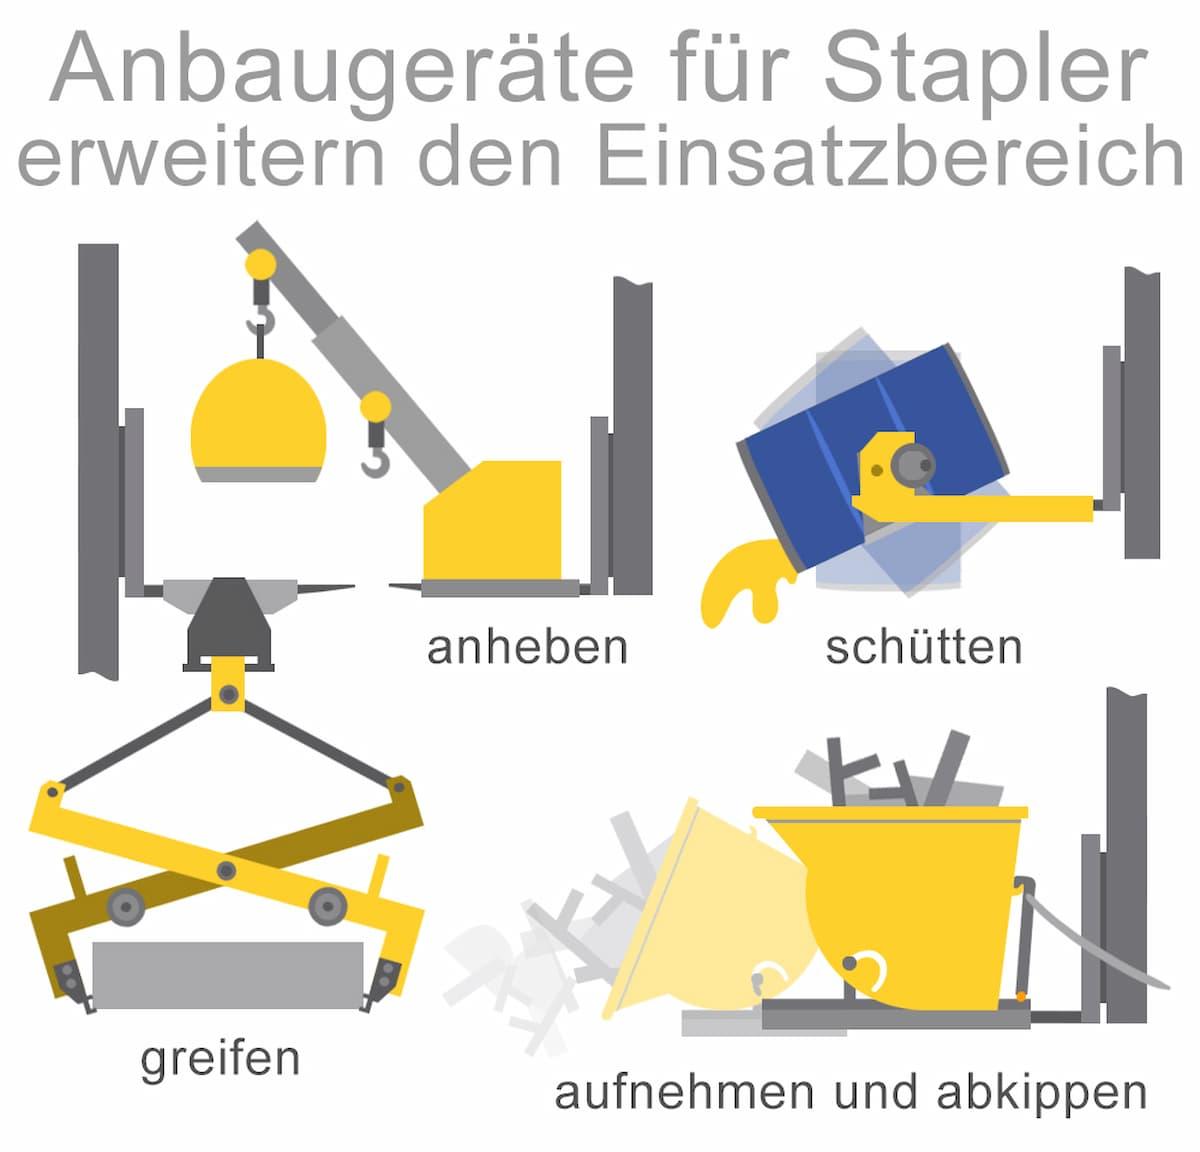 Anbaugeräte für Stapler erweitern den Einsatzbereich